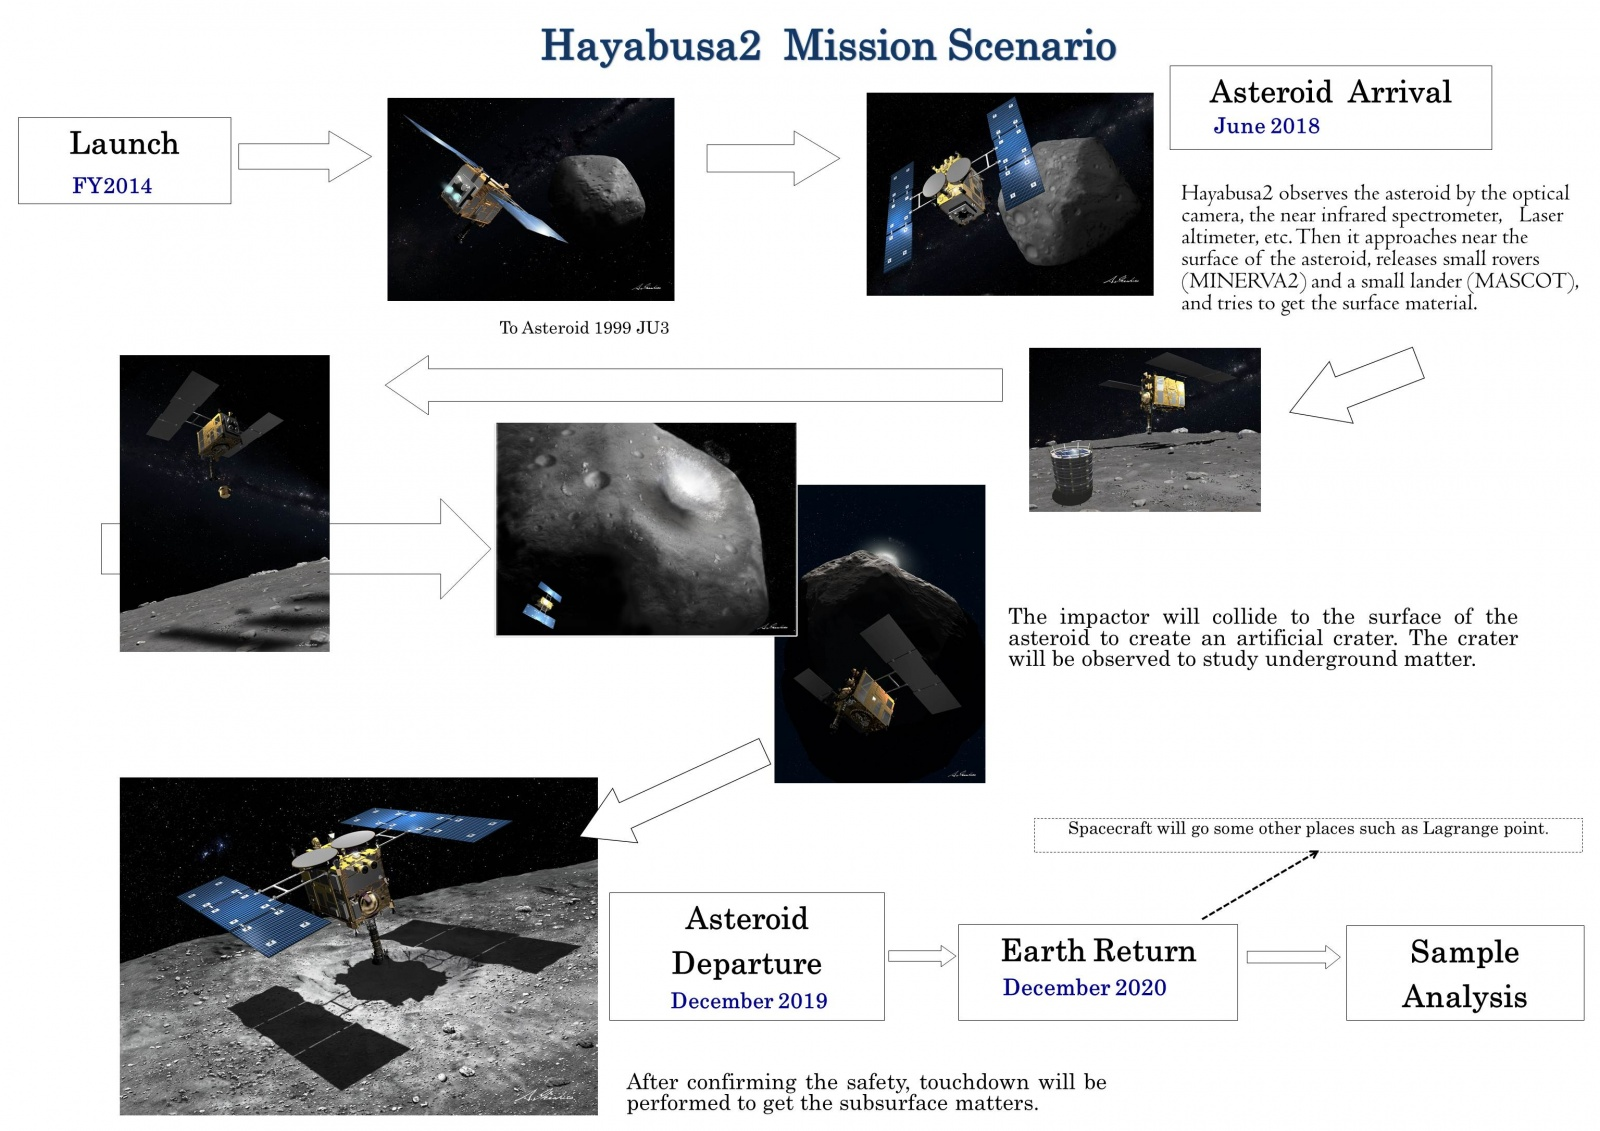 Японский космический зонд Hayabusa-2 отправился к астероиду 1999 JU3 - 4